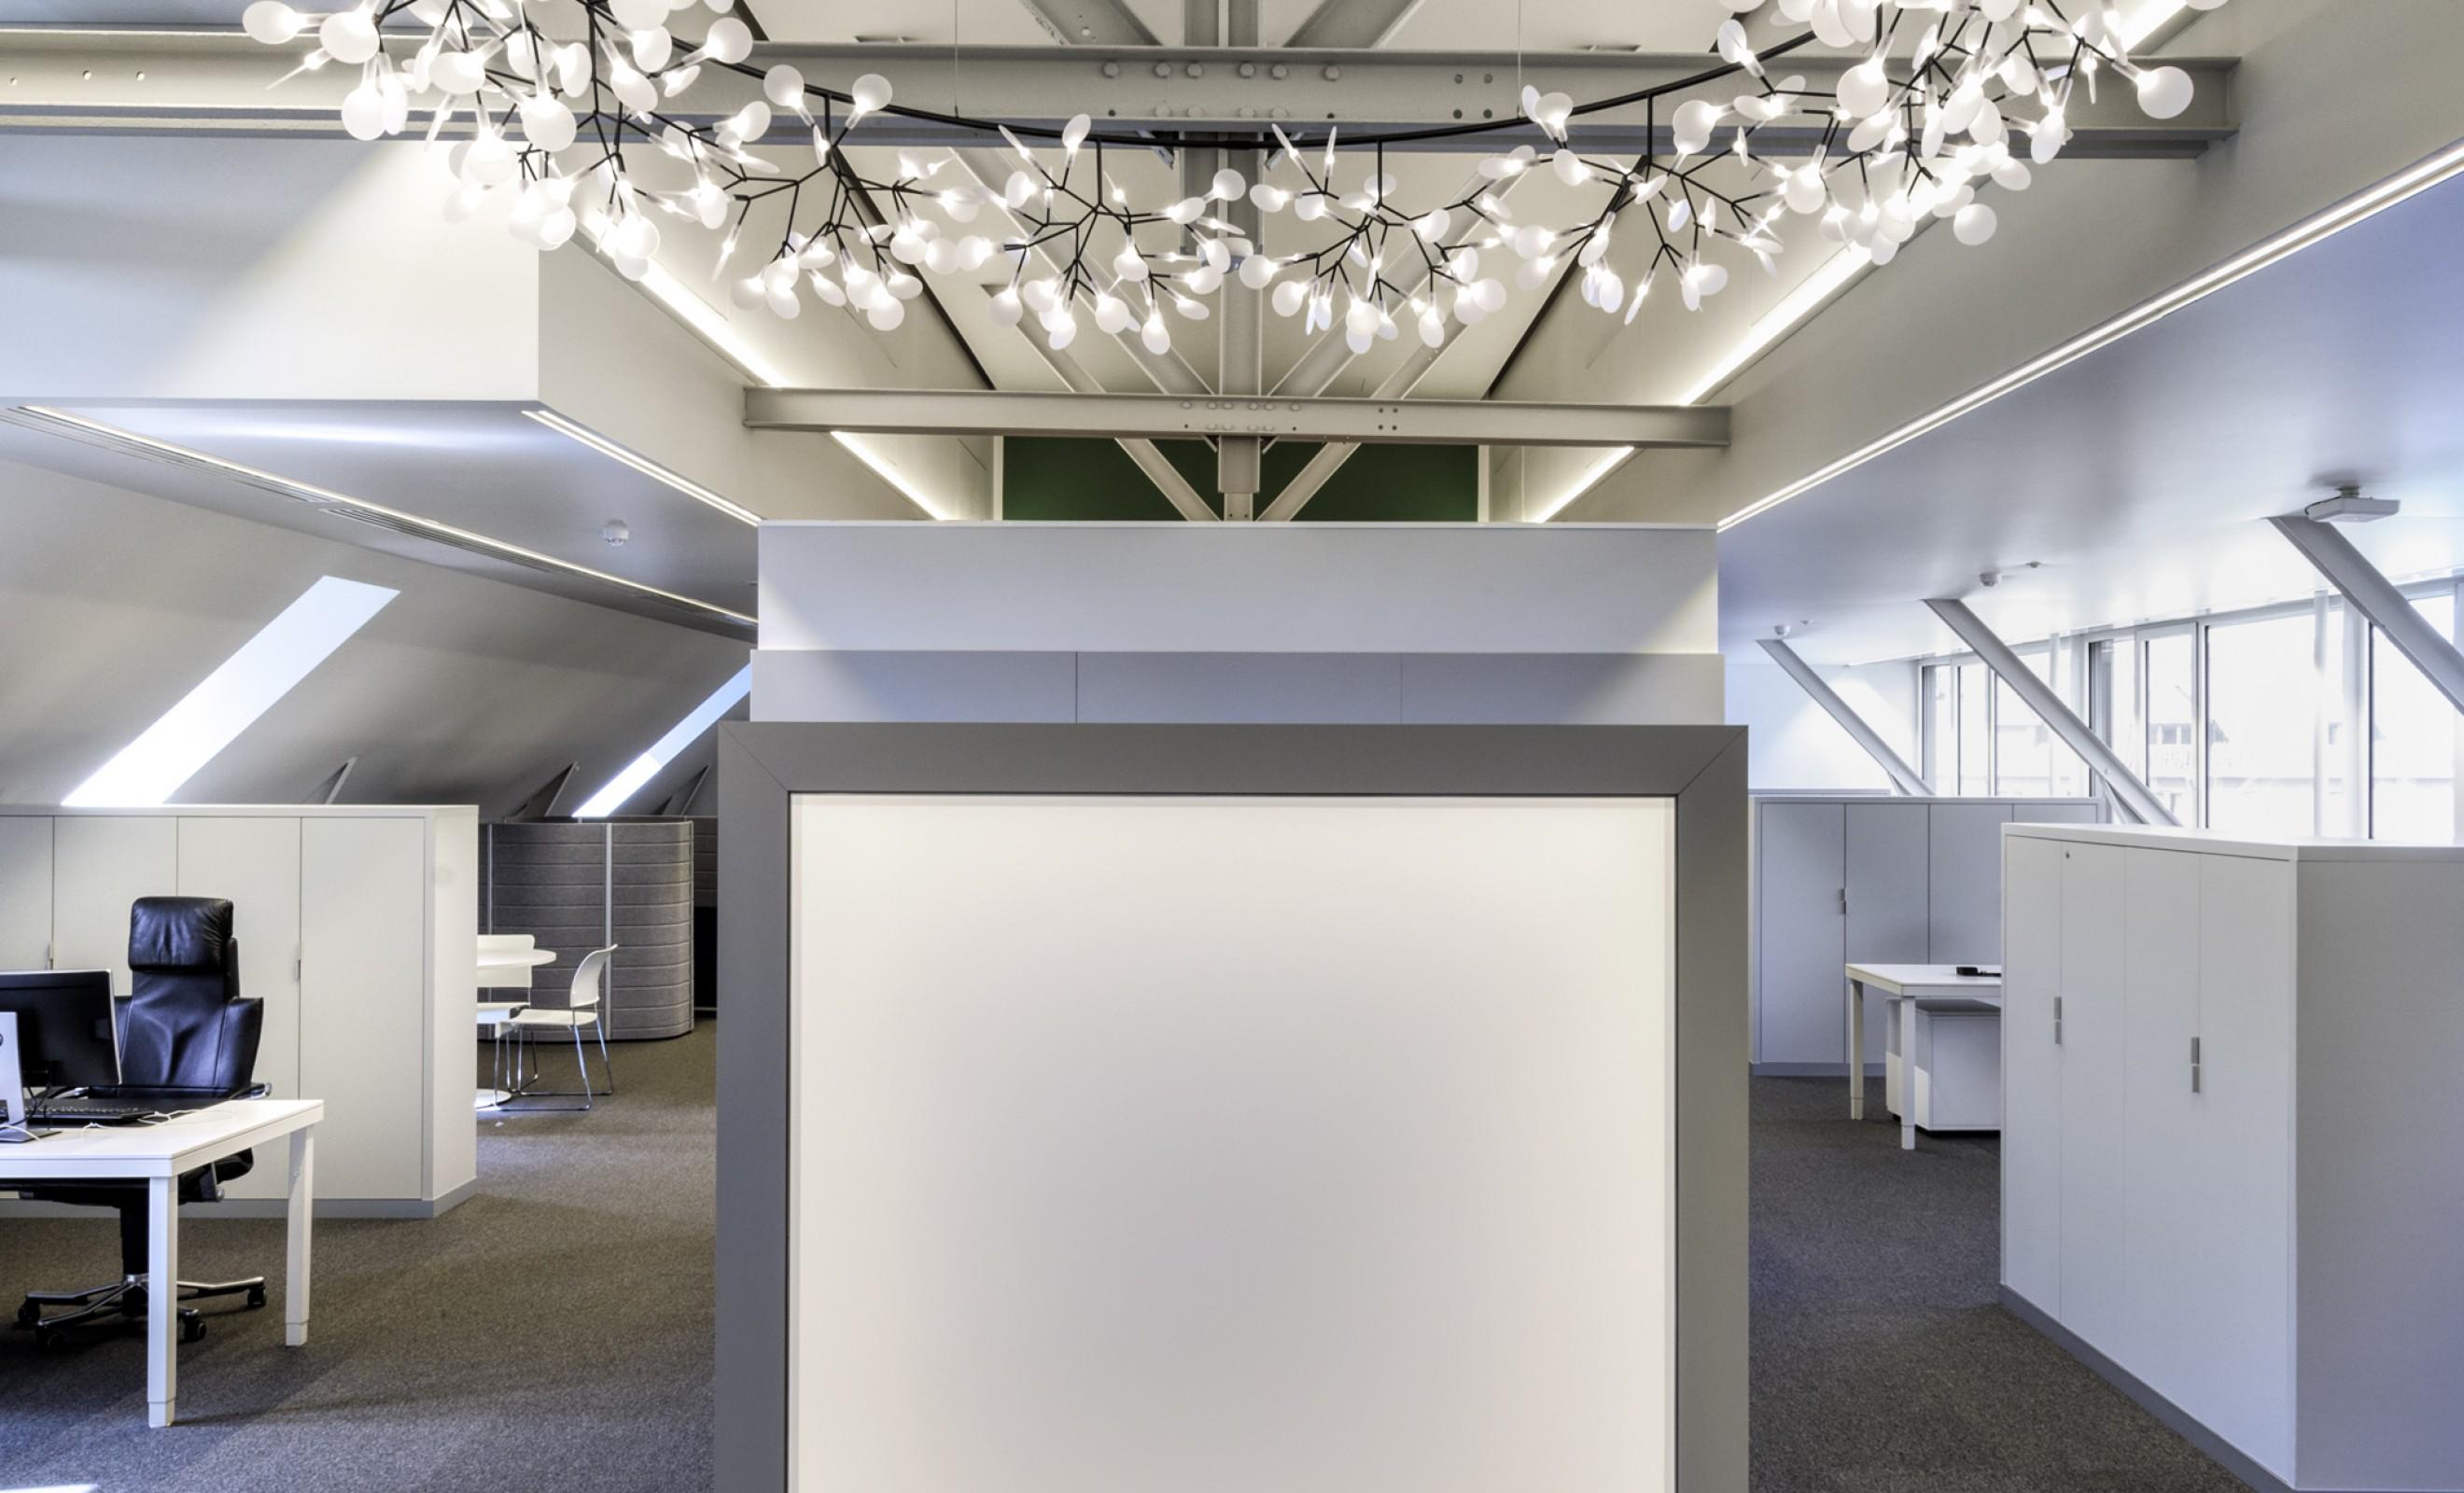 67/5000 Le Heracleum Big O apporte une touche poétique ... Victors Design Agency